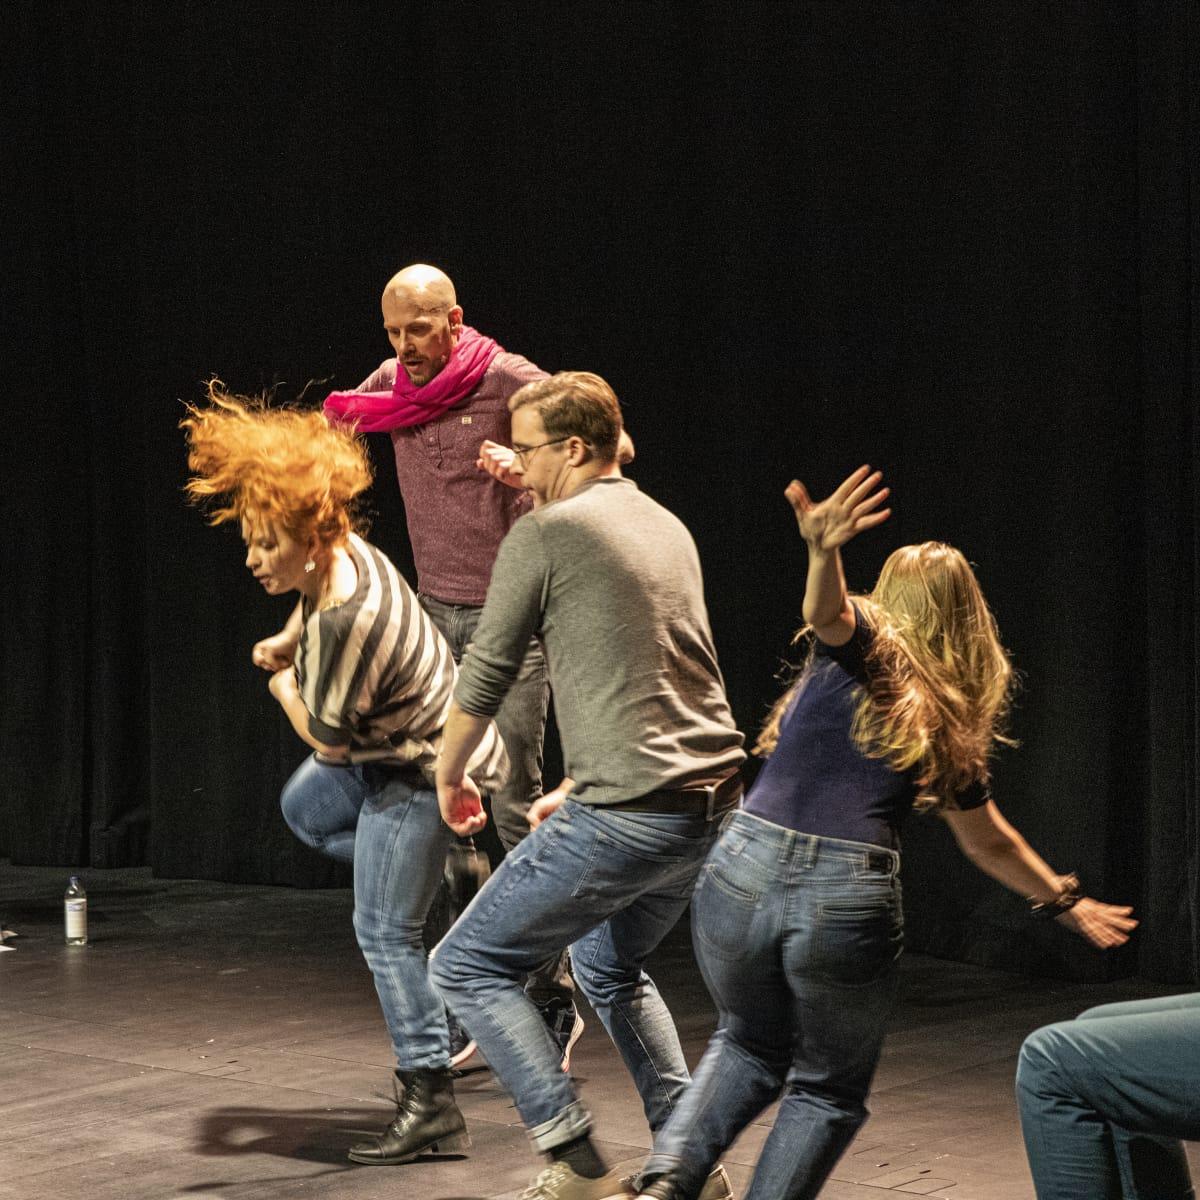 näyttelijät esiintyvät lavalla